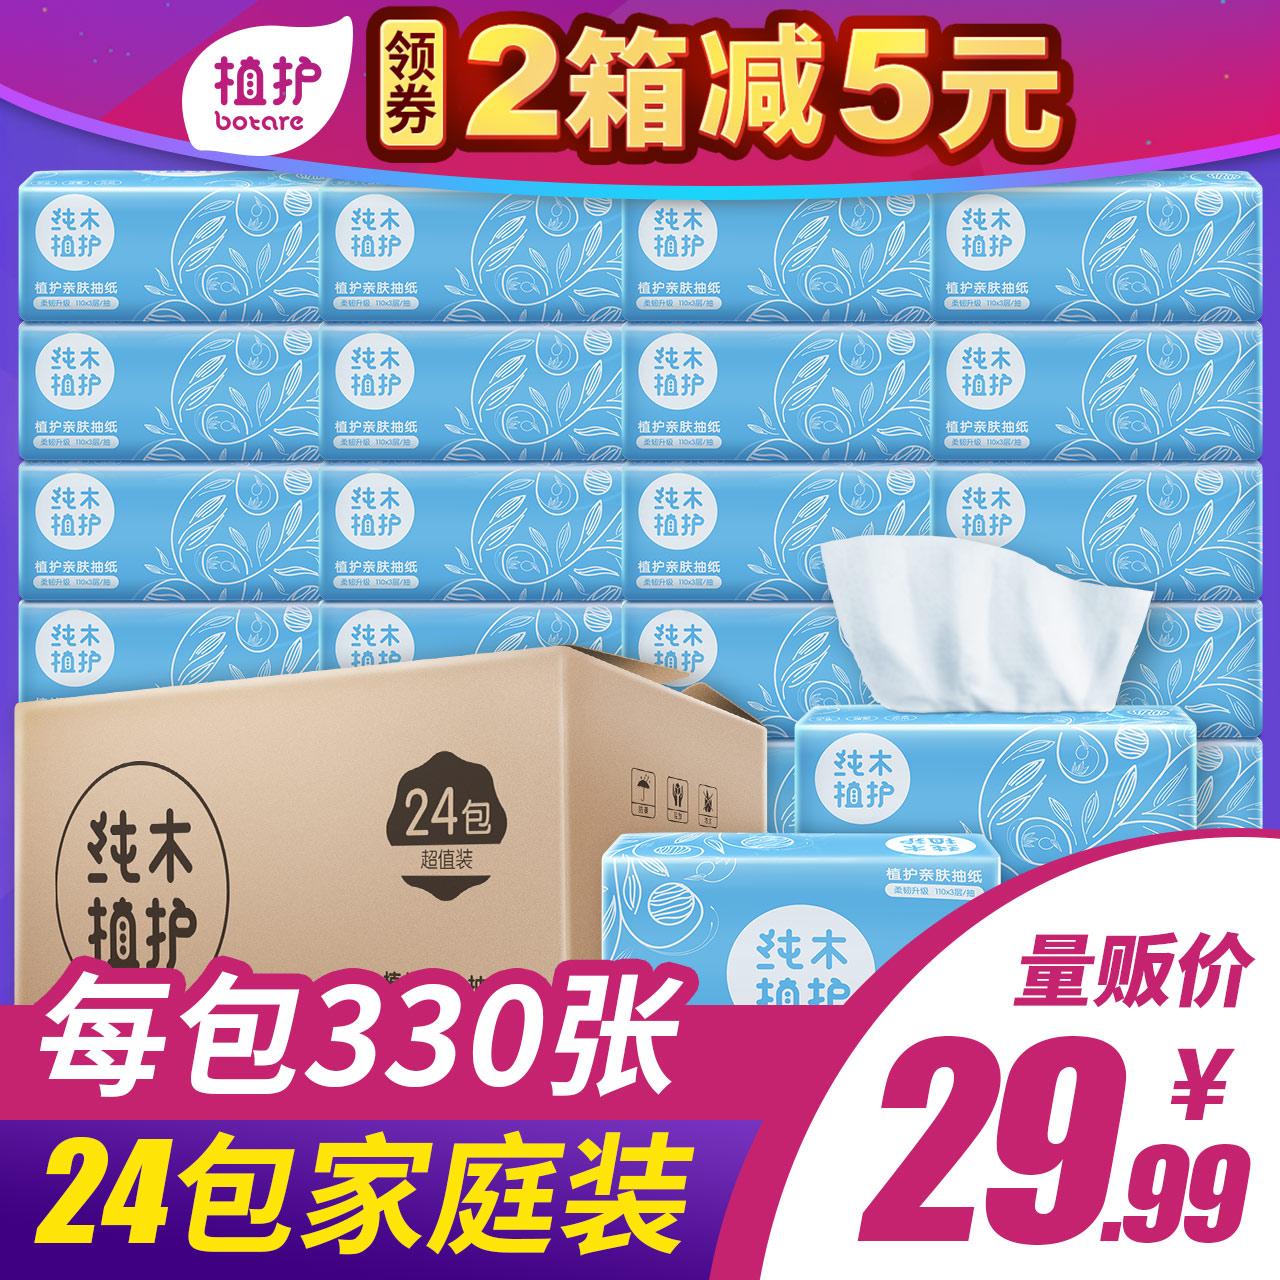 Завод защищать войти насосные 24 пакет еда полотенце бумага насосные оптовая торговля бумажные полотенца полная загрузка контейнера (fcl) семья здравоохранения бумага домой тряпка для мытья посуды бумага